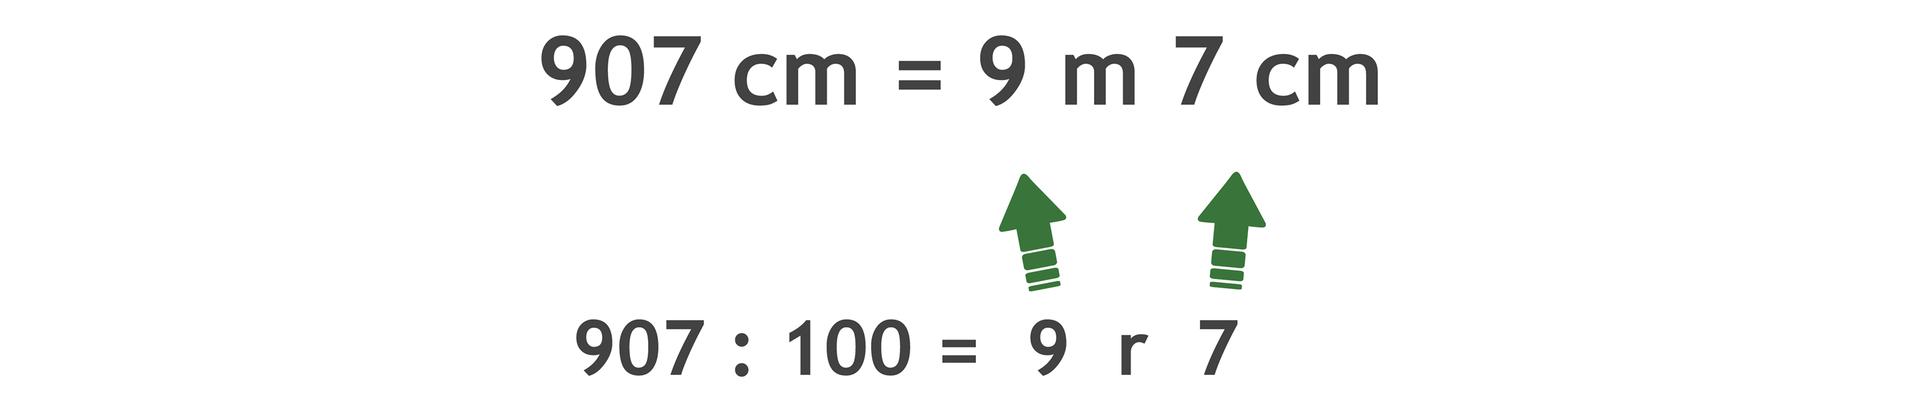 Zapis: 907 cm =9 m7 cm. 907 dzielone przez 100 = 9 r7.